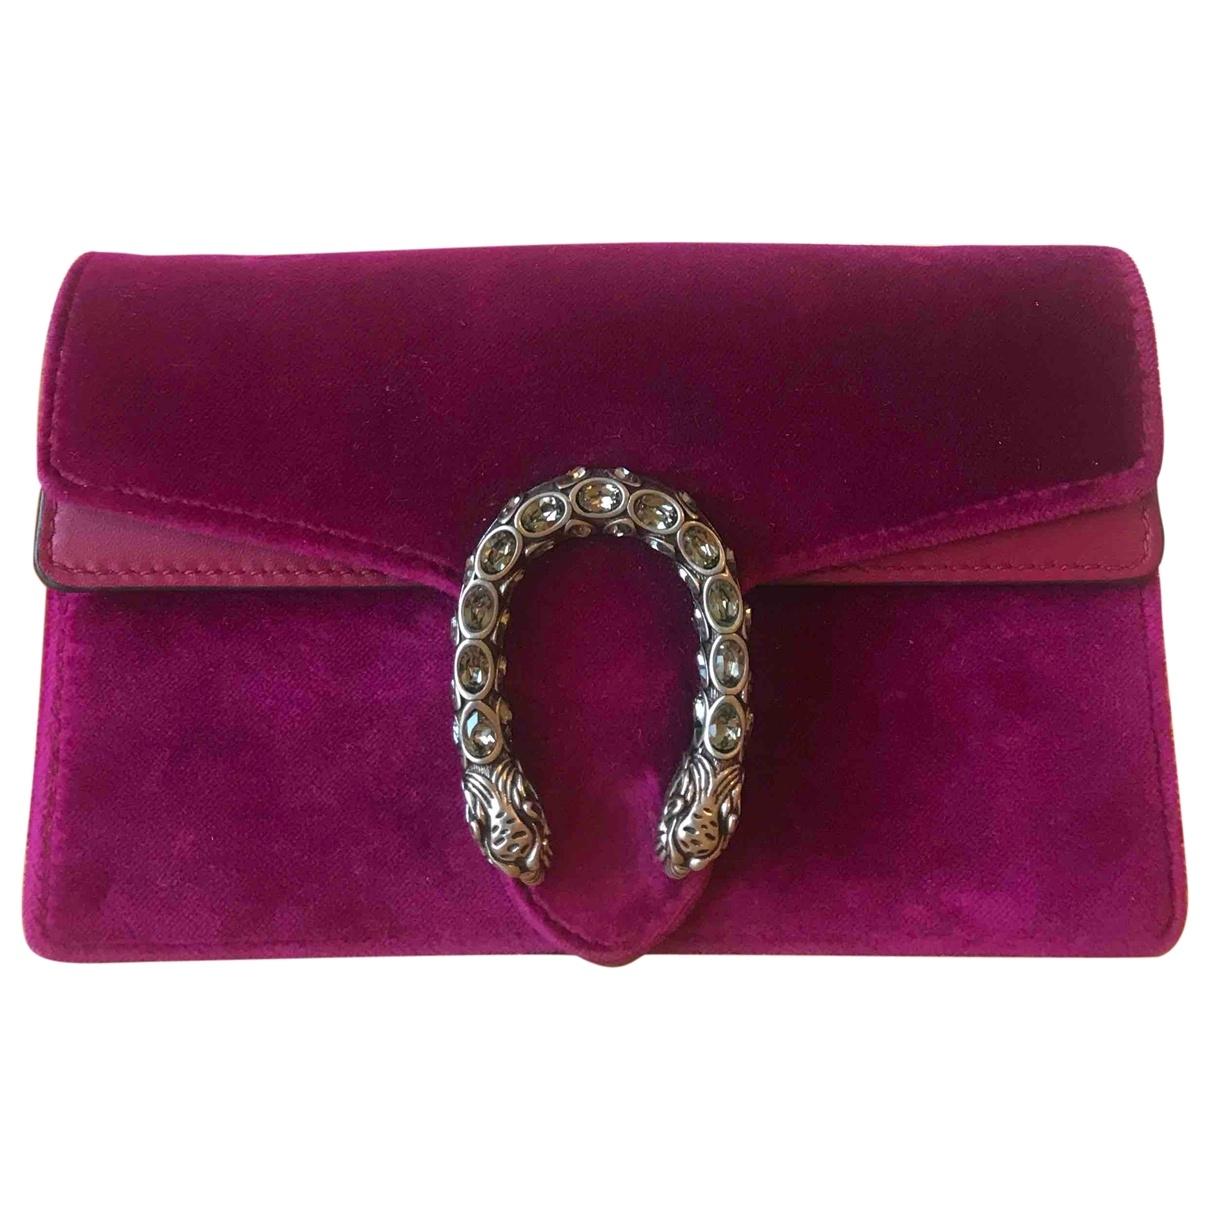 Gucci - Sac a main Dionysus pour femme en velours - violet